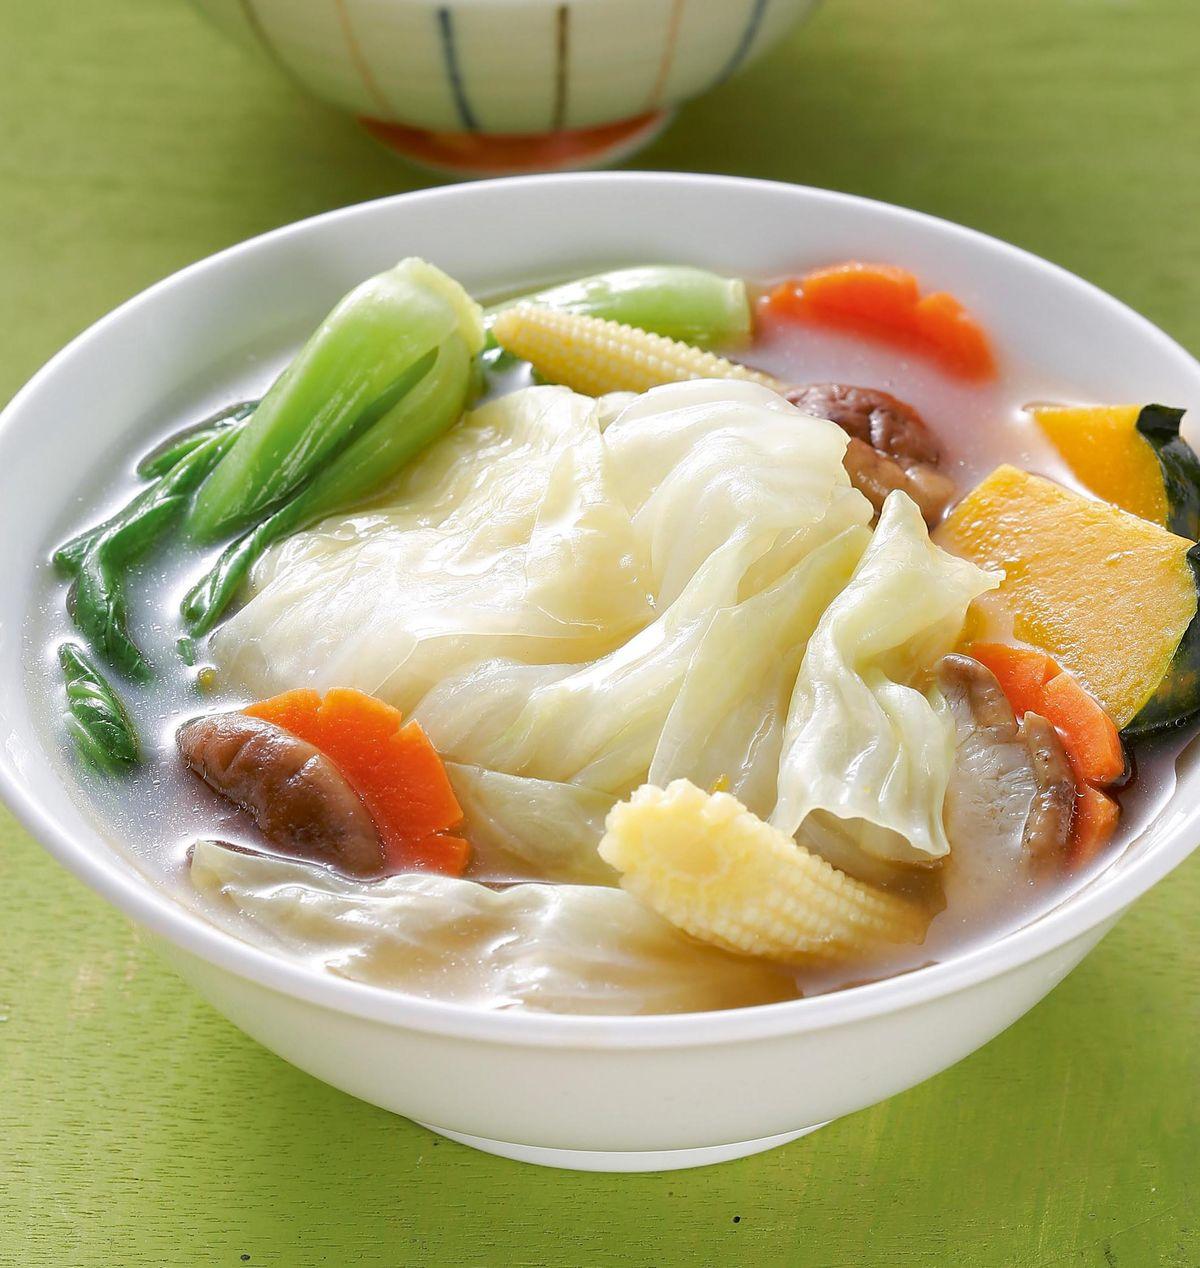 食譜:滷汁蔬菜湯